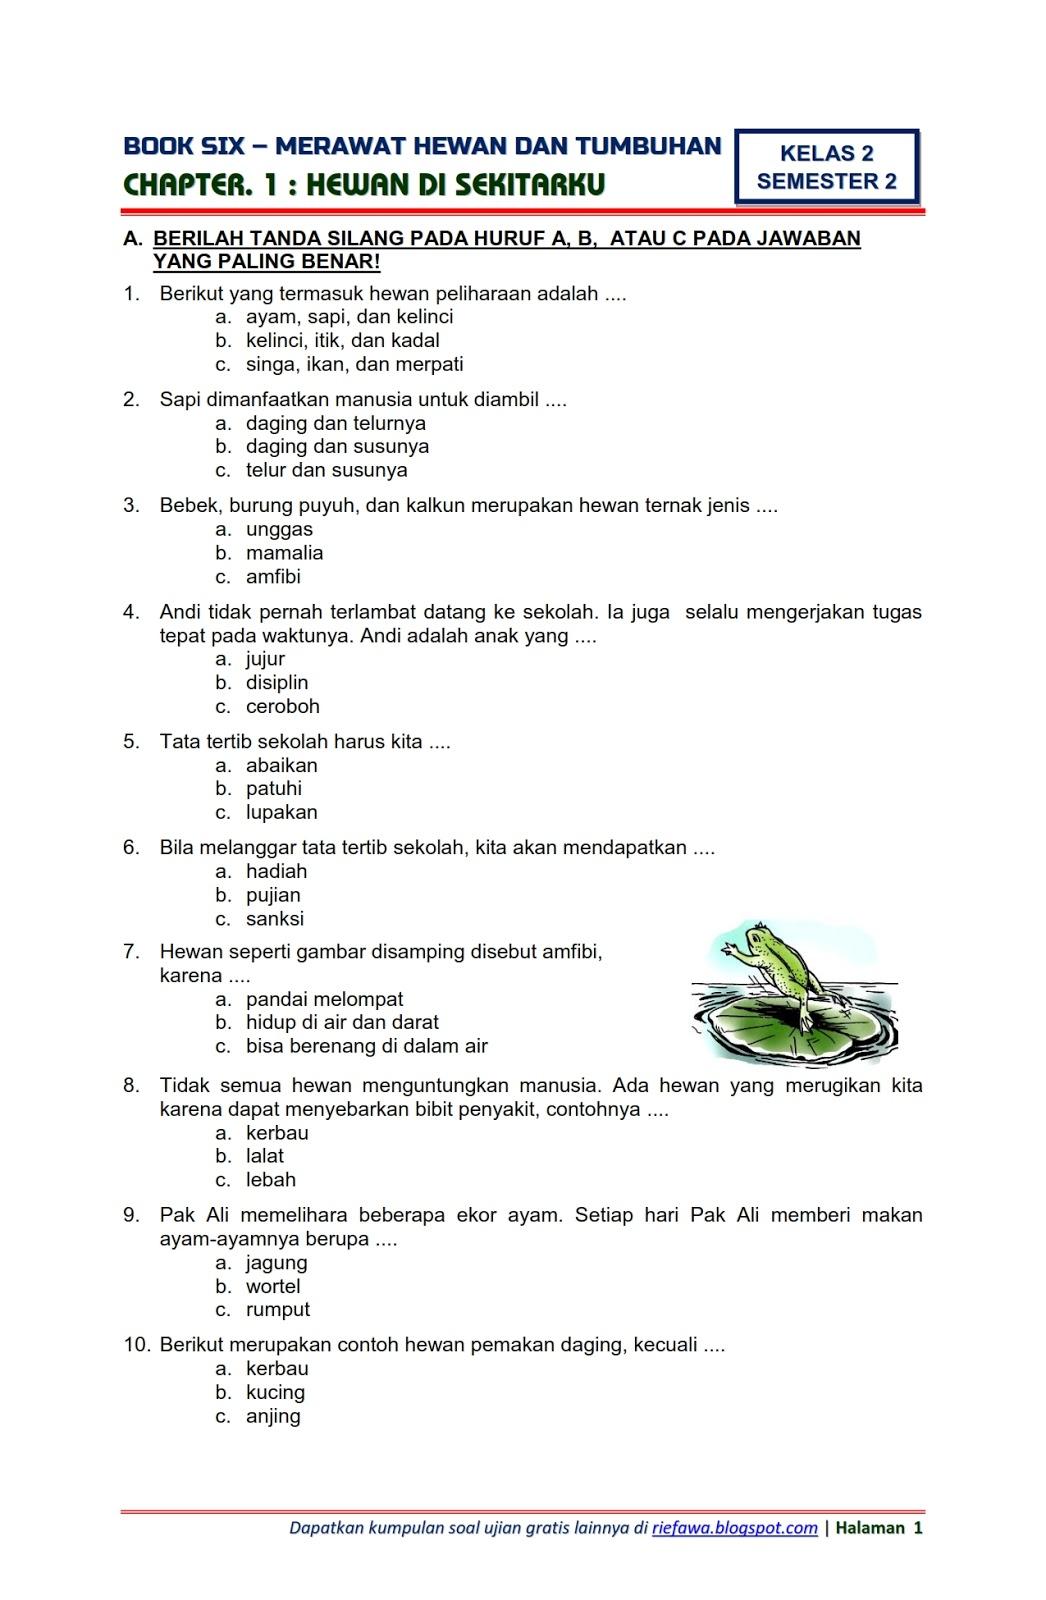 Soal Tematik Kelas 2 Tema 2 Subtema 1 : tematik, kelas, subtema, Download, Tematik, Kelas, Semester, Subtema, Merawat, Hewan, Tumbuhan, Sekitarku, Edisi, Terbaru